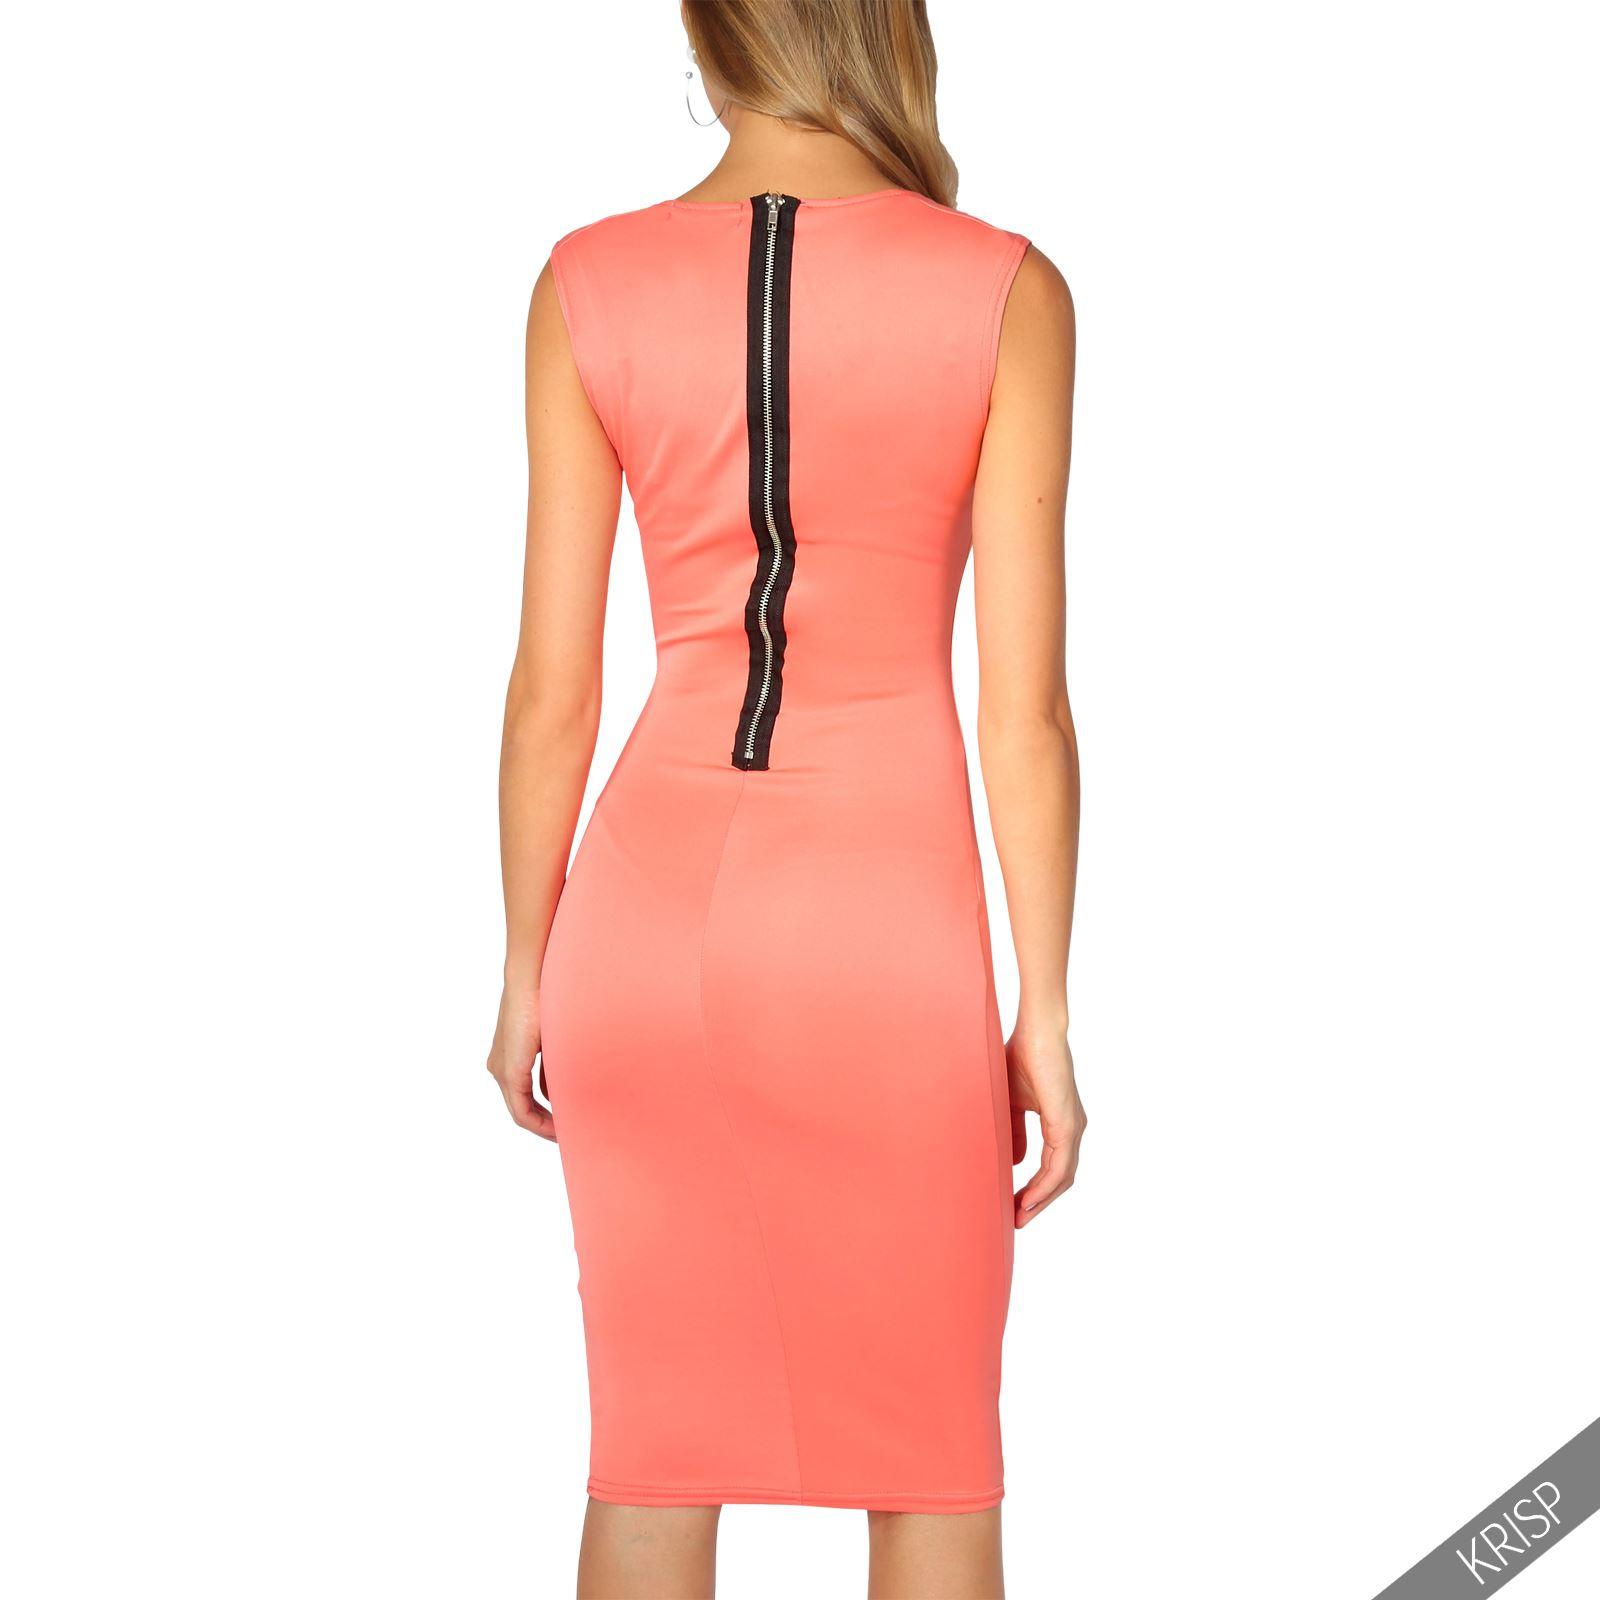 Damen Stretch Kleid Etuikleid Kragenausschnitt ...